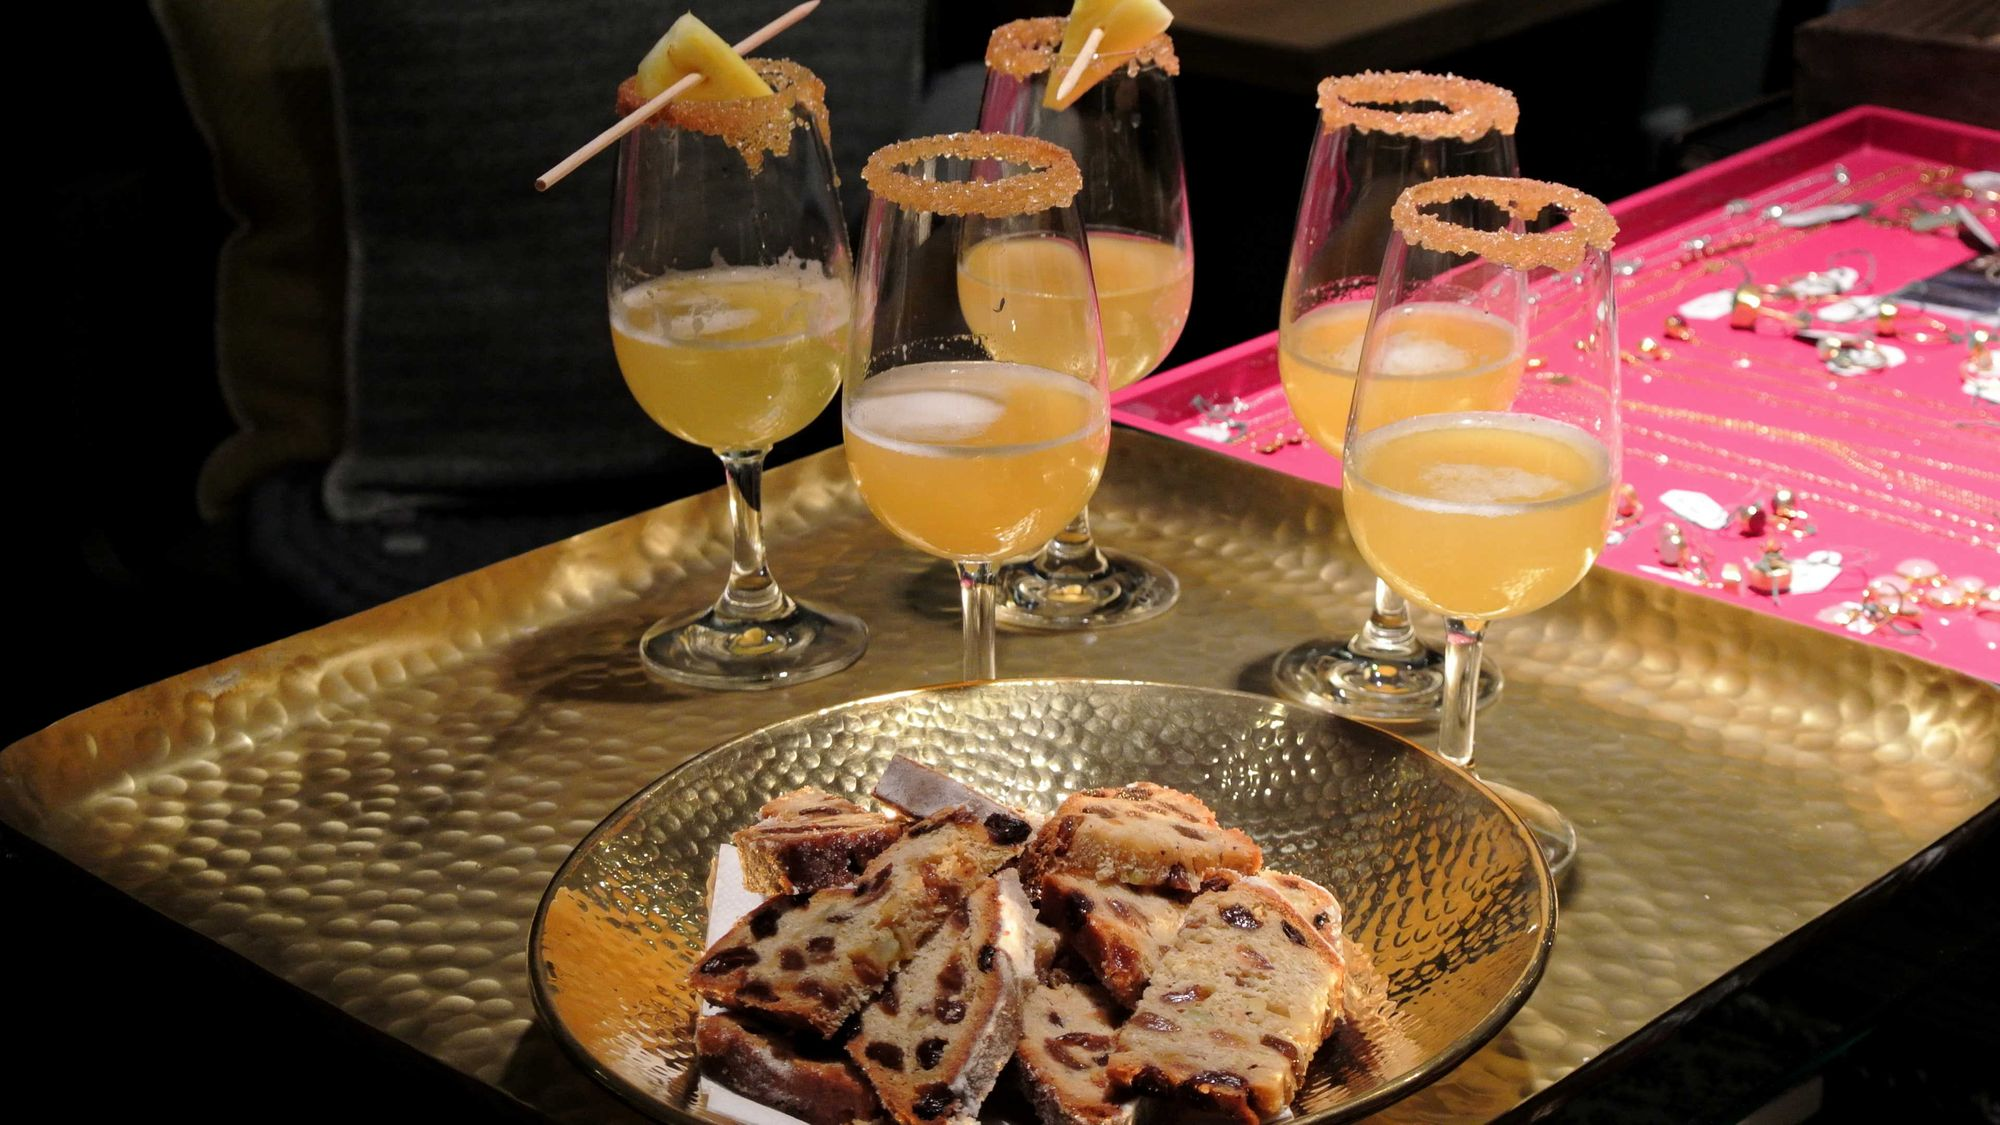 Dekorative Cocktailgläser mit Zuckerrand auf einem Messingtablett mit leckerem Christstollen.